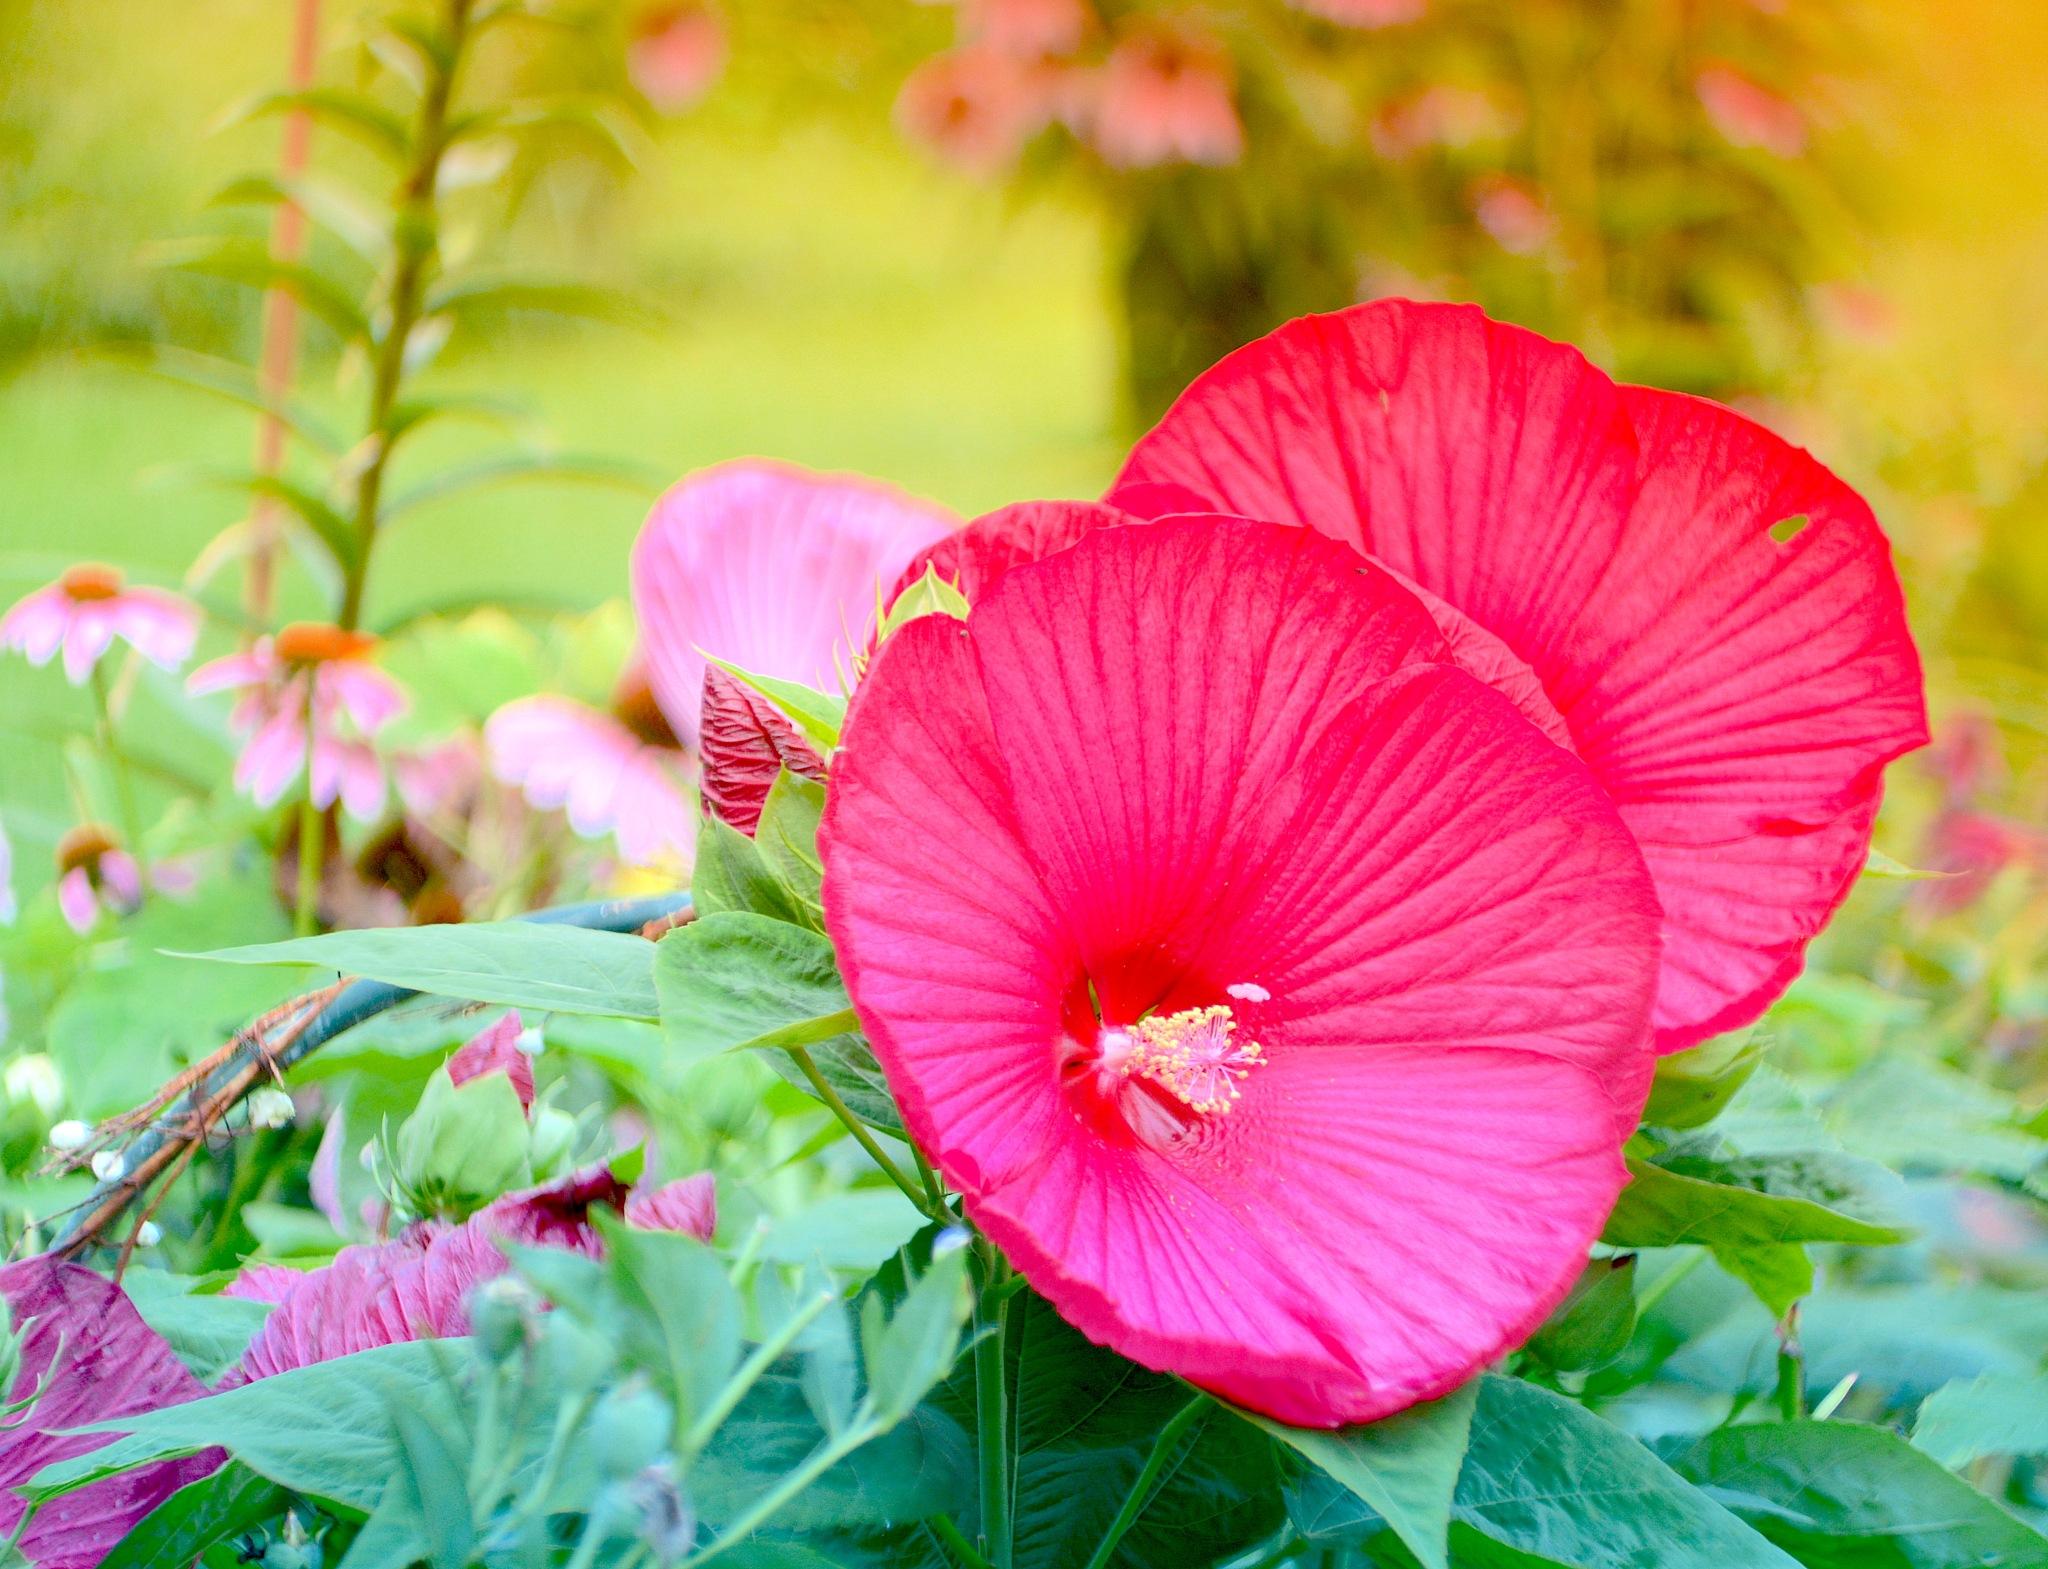 Giant Dark Pink Hibiscus by suzanne.kohr